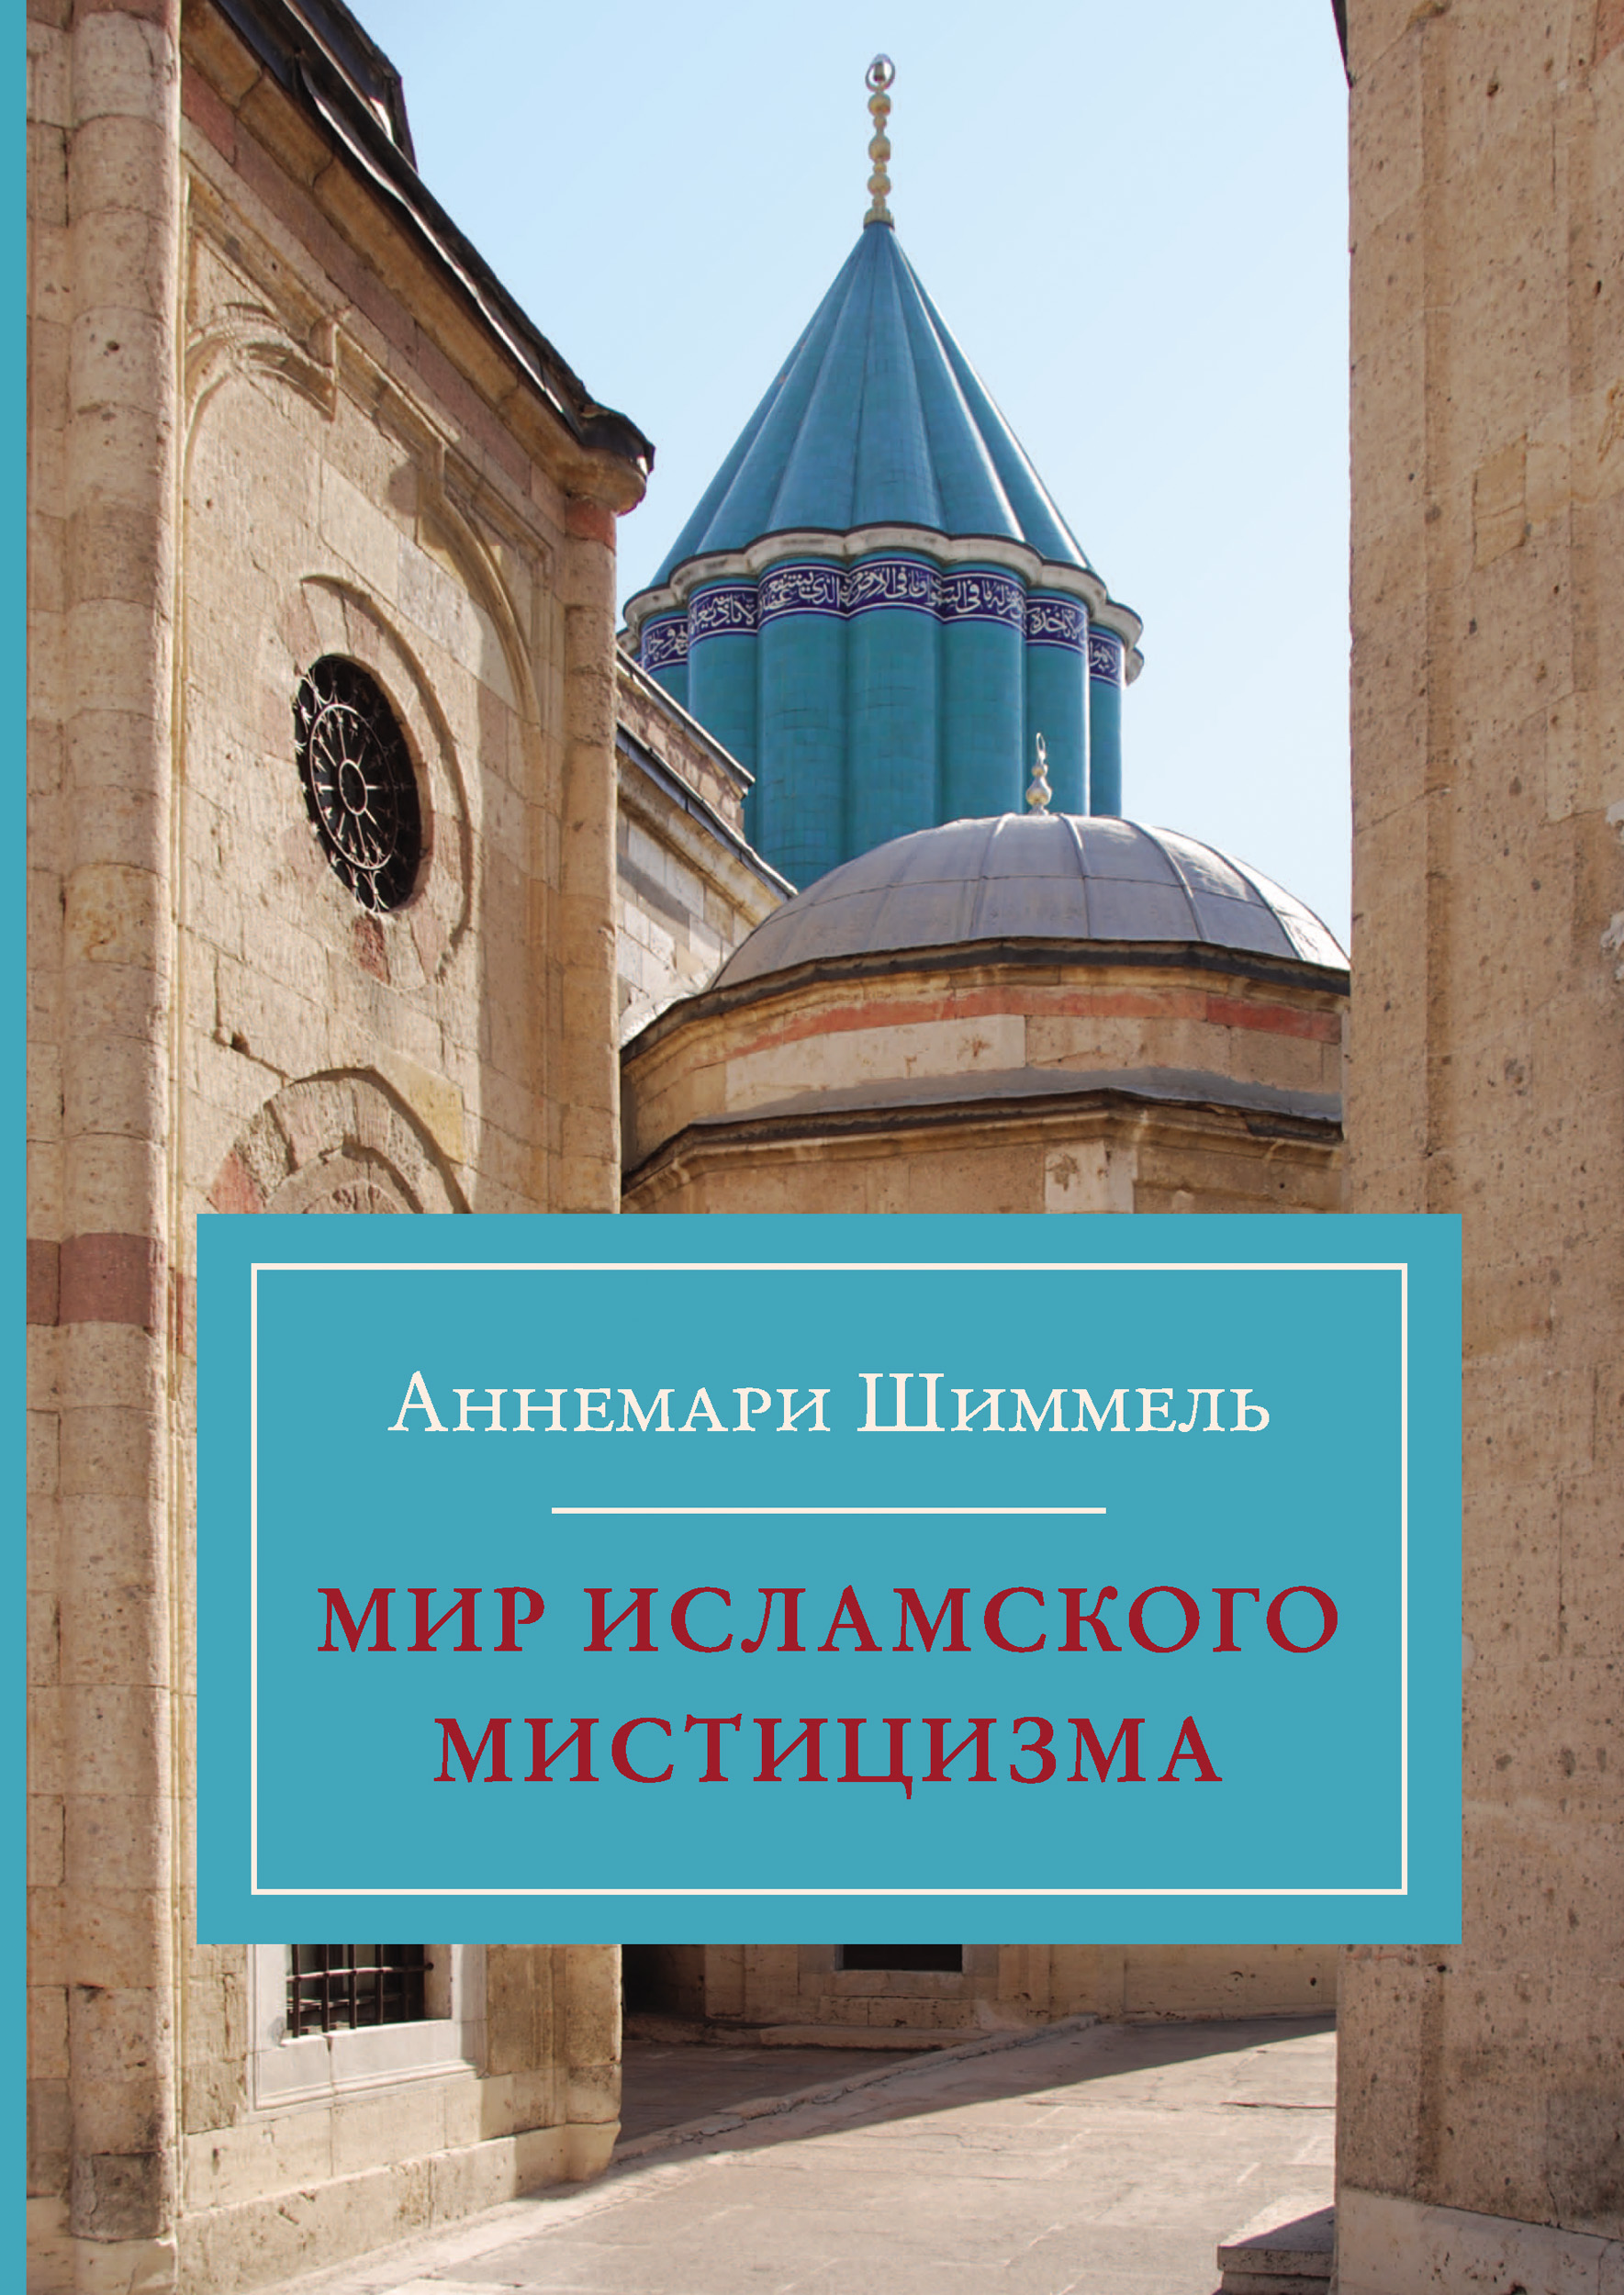 Аннемари Шиммель Мир исламского мистицизма